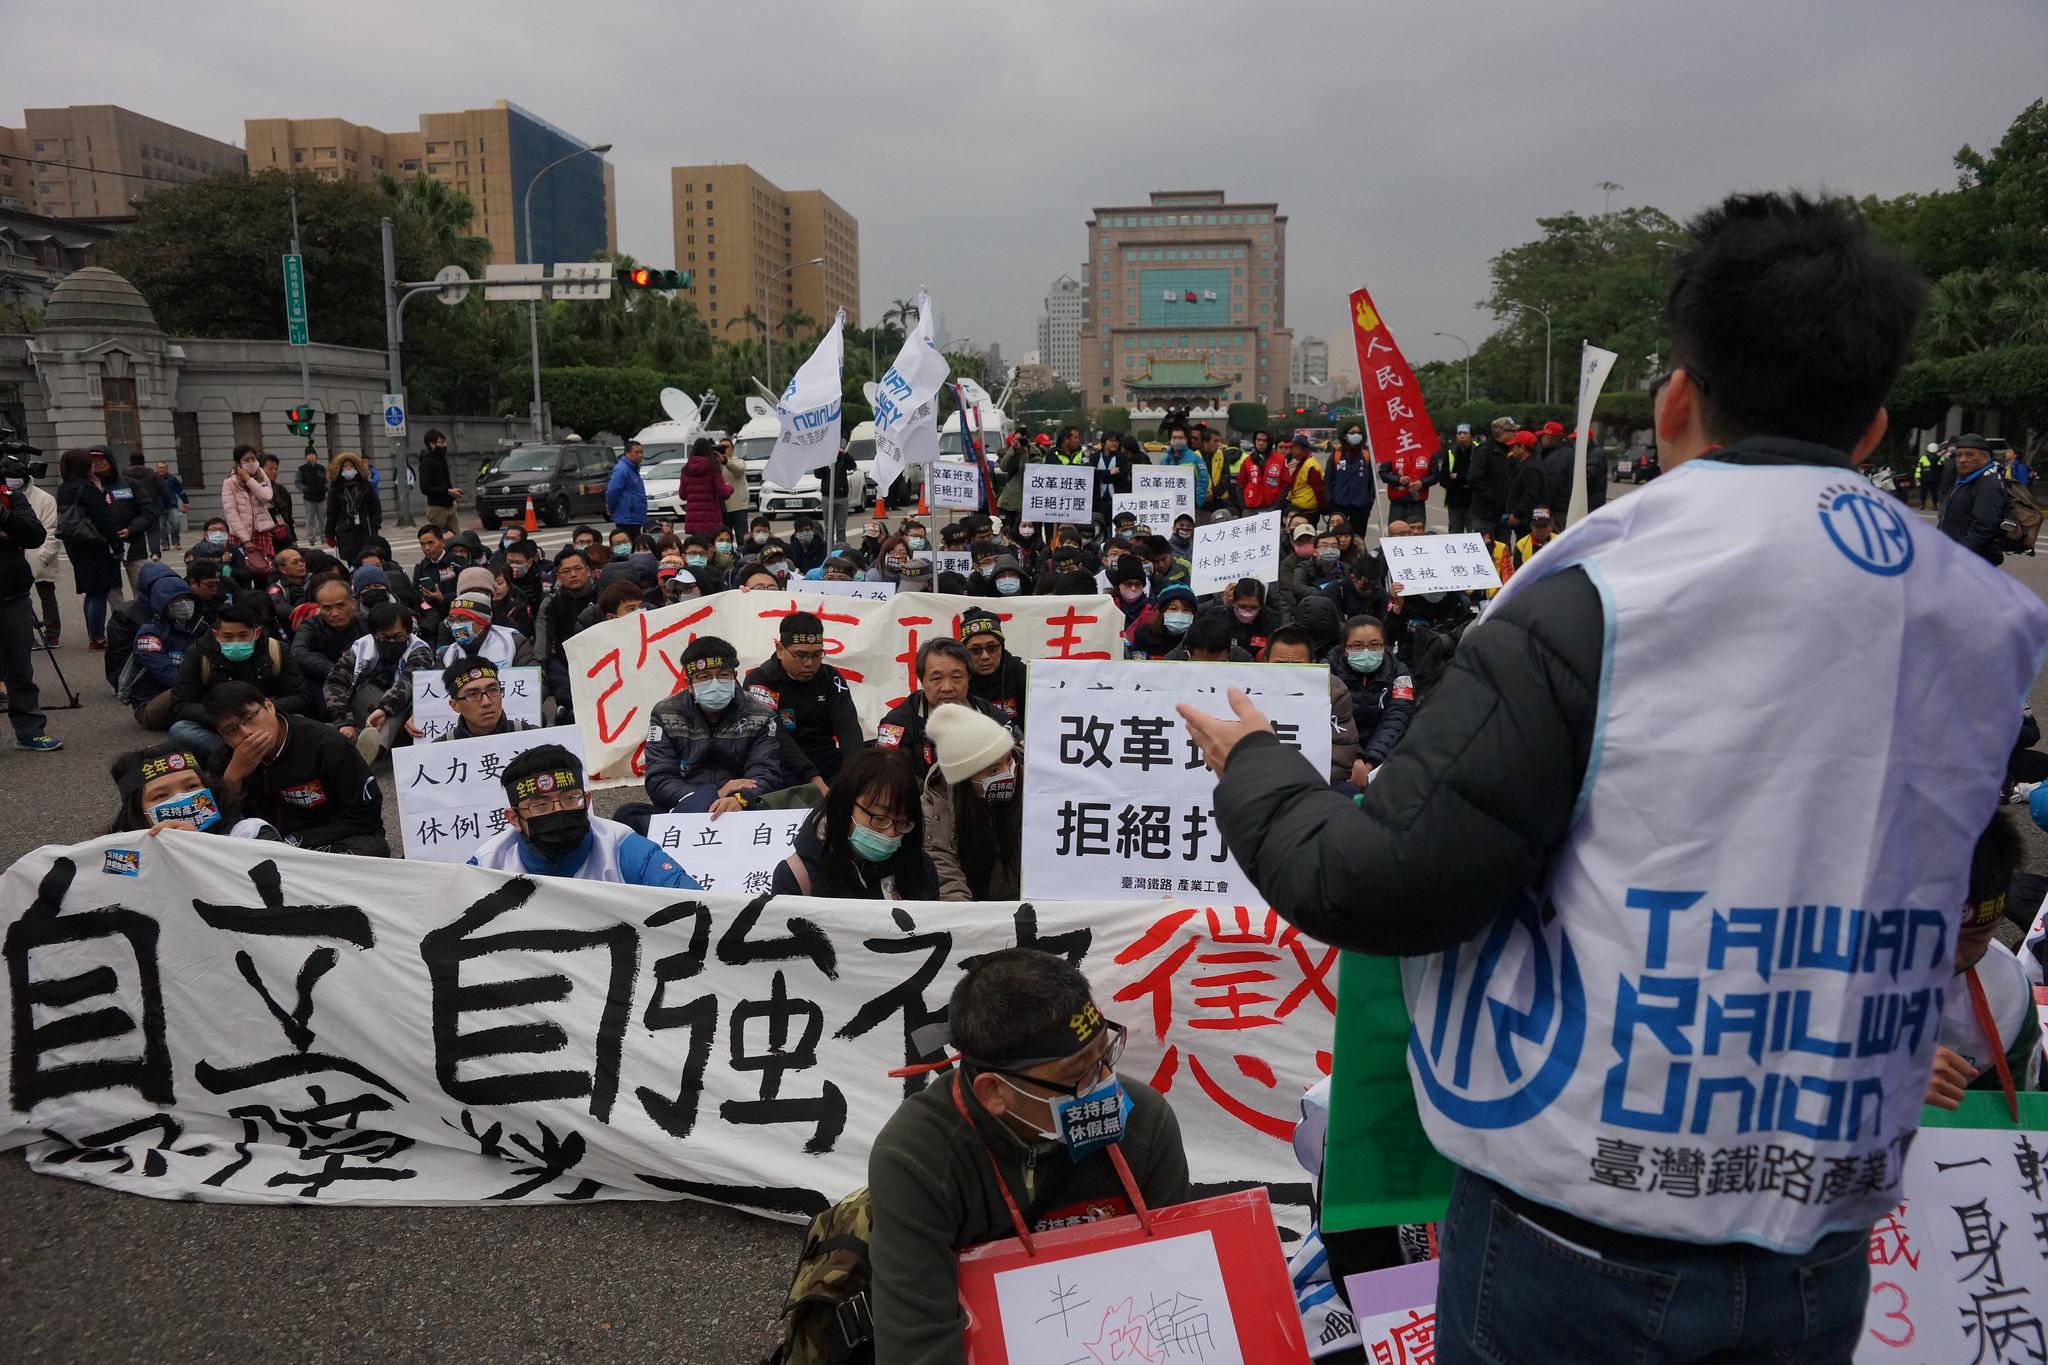 工会在公园路口静坐,但总统府始终无人出面接受陈情。(摄影:王颢中)